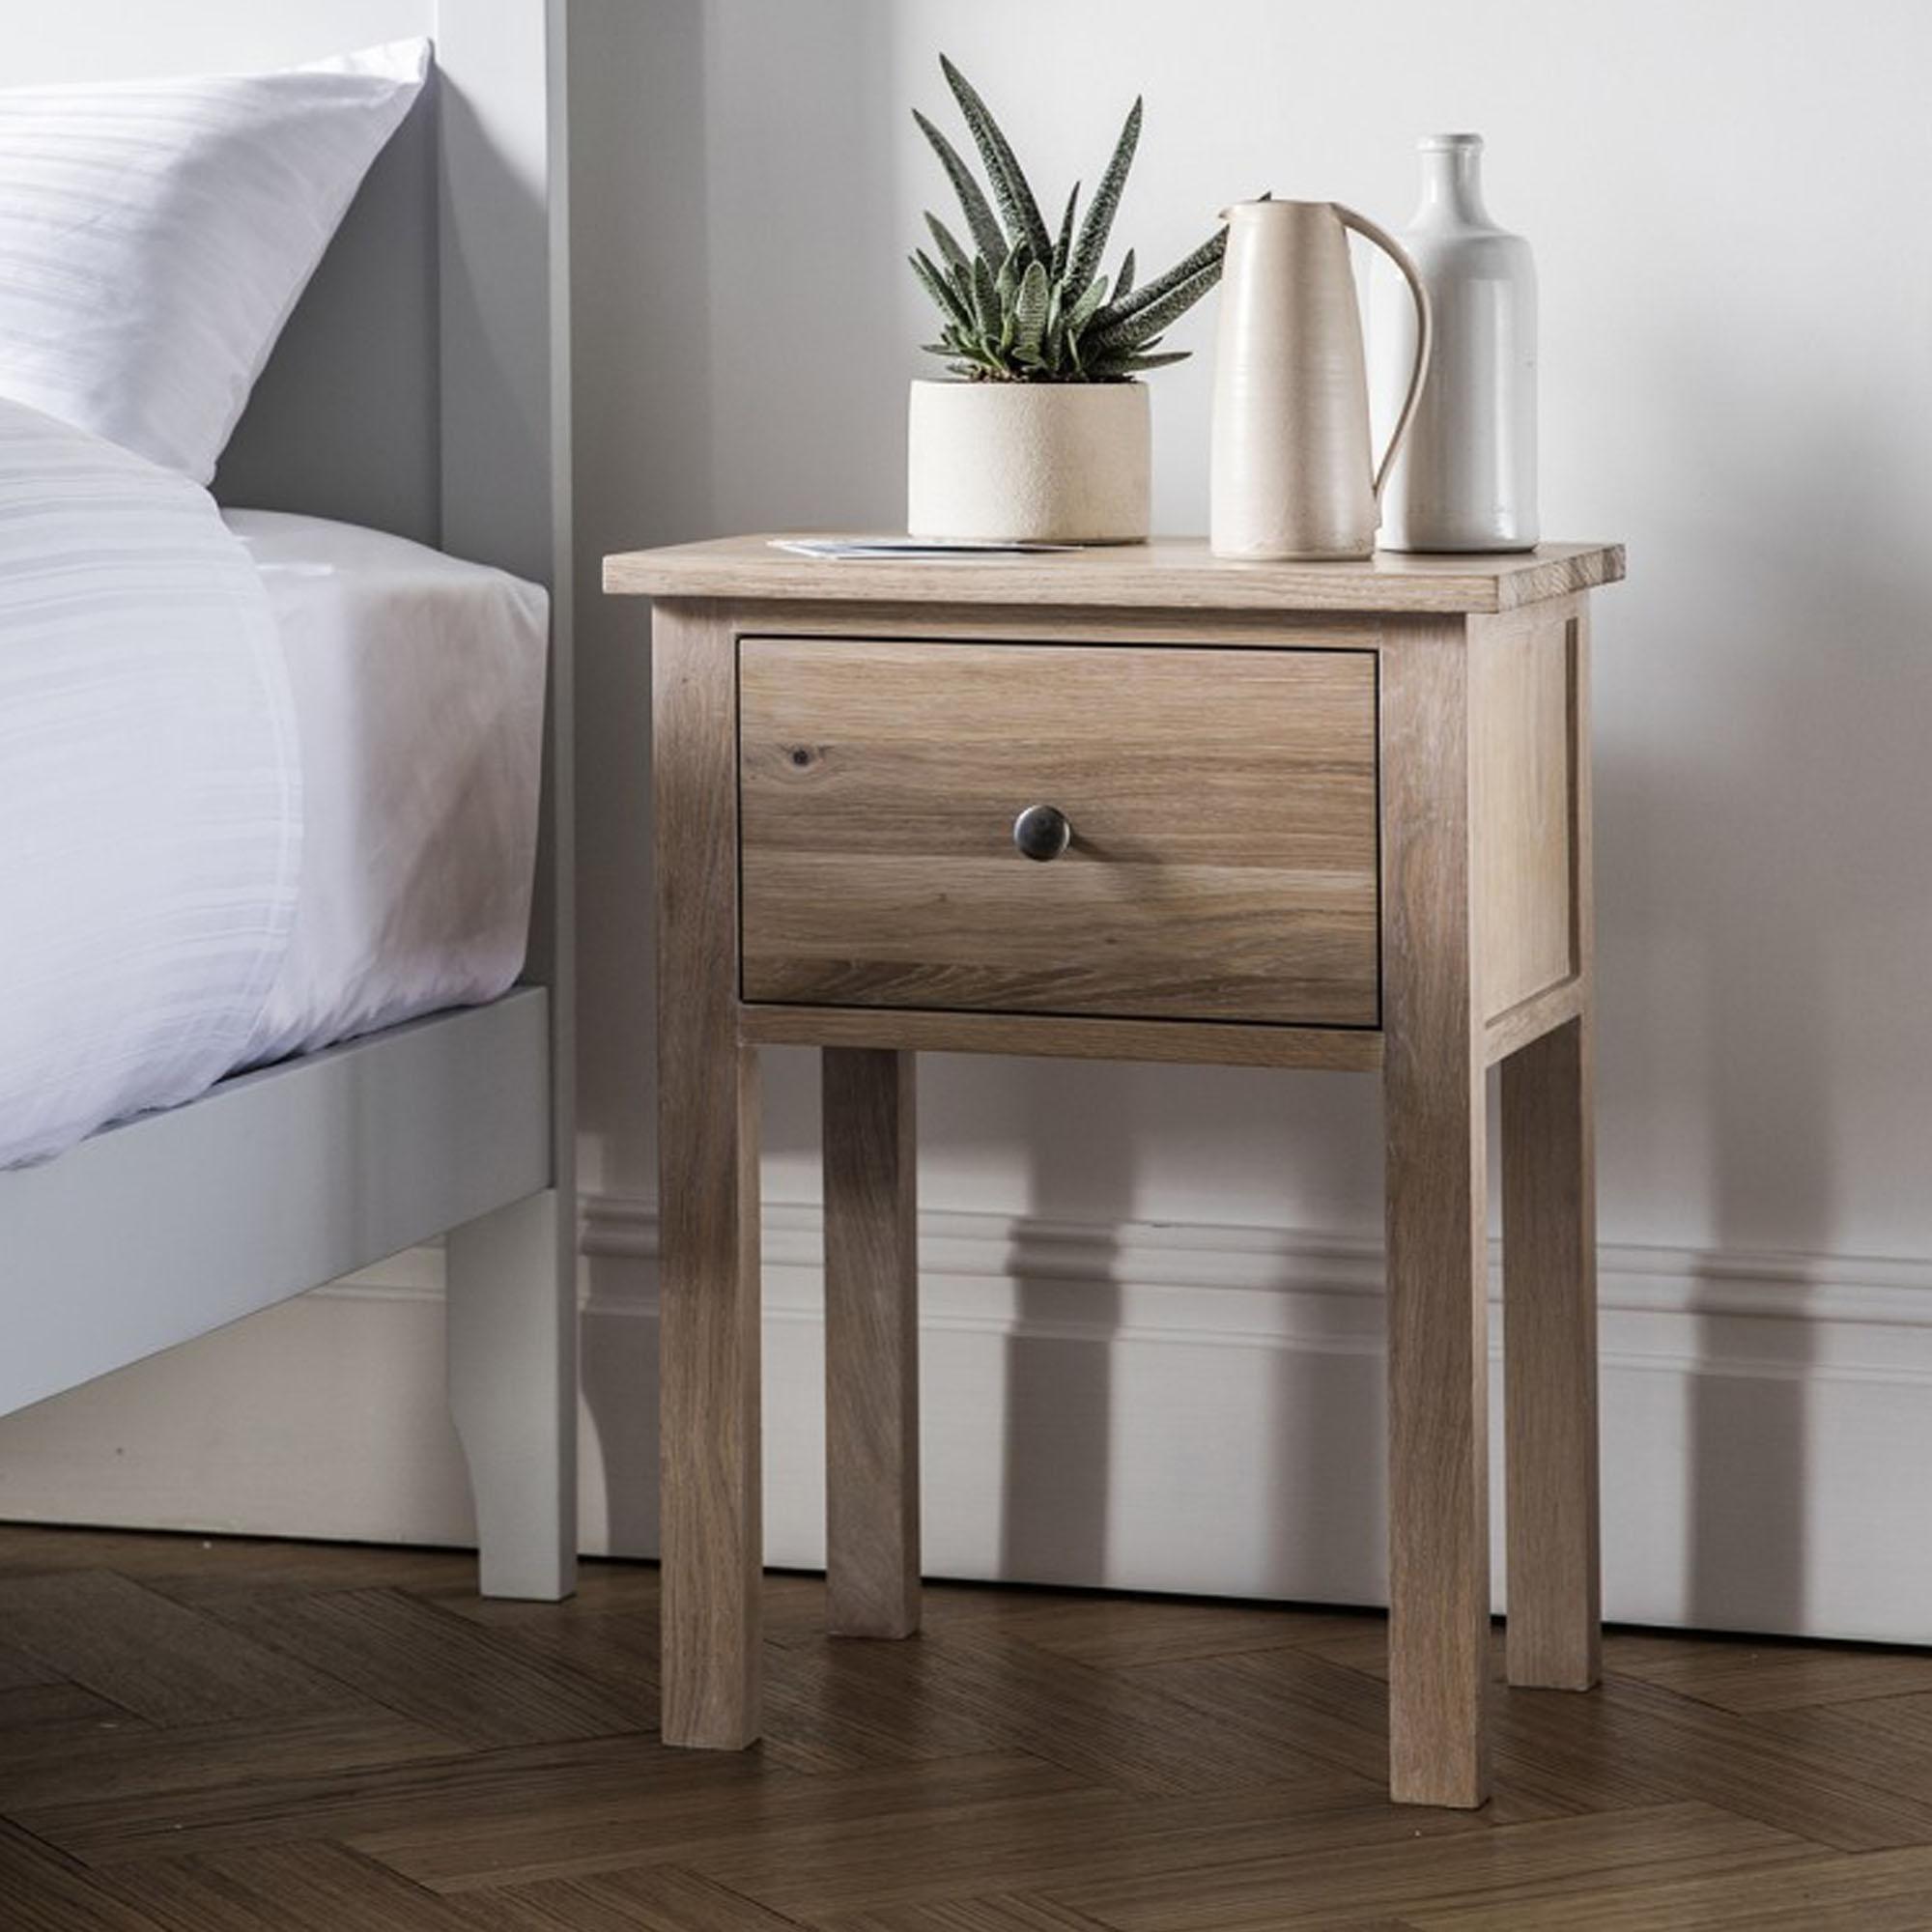 Banbury Oak Bedside Table | HomesDirect365